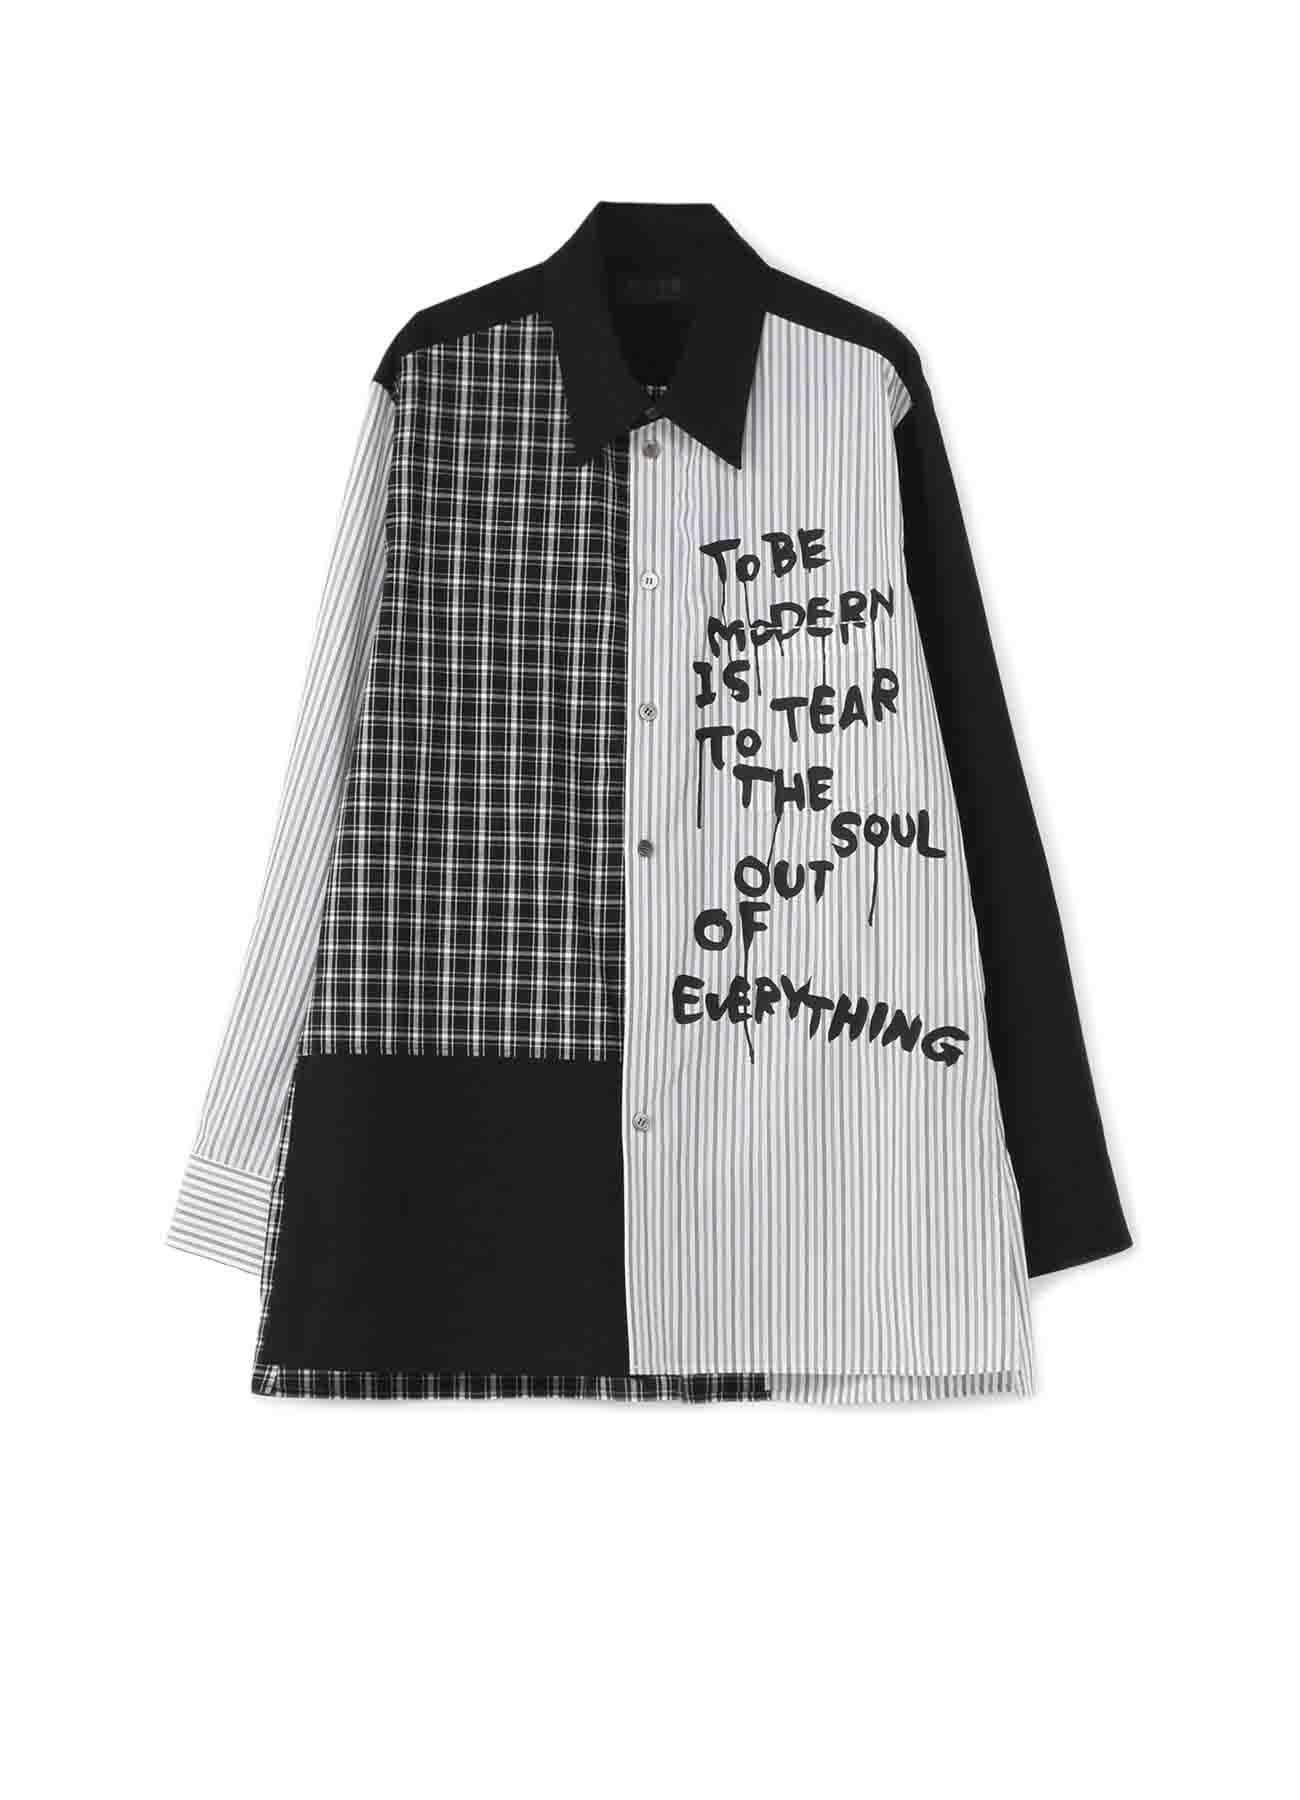 条纹 × 格纹 语录衬衫